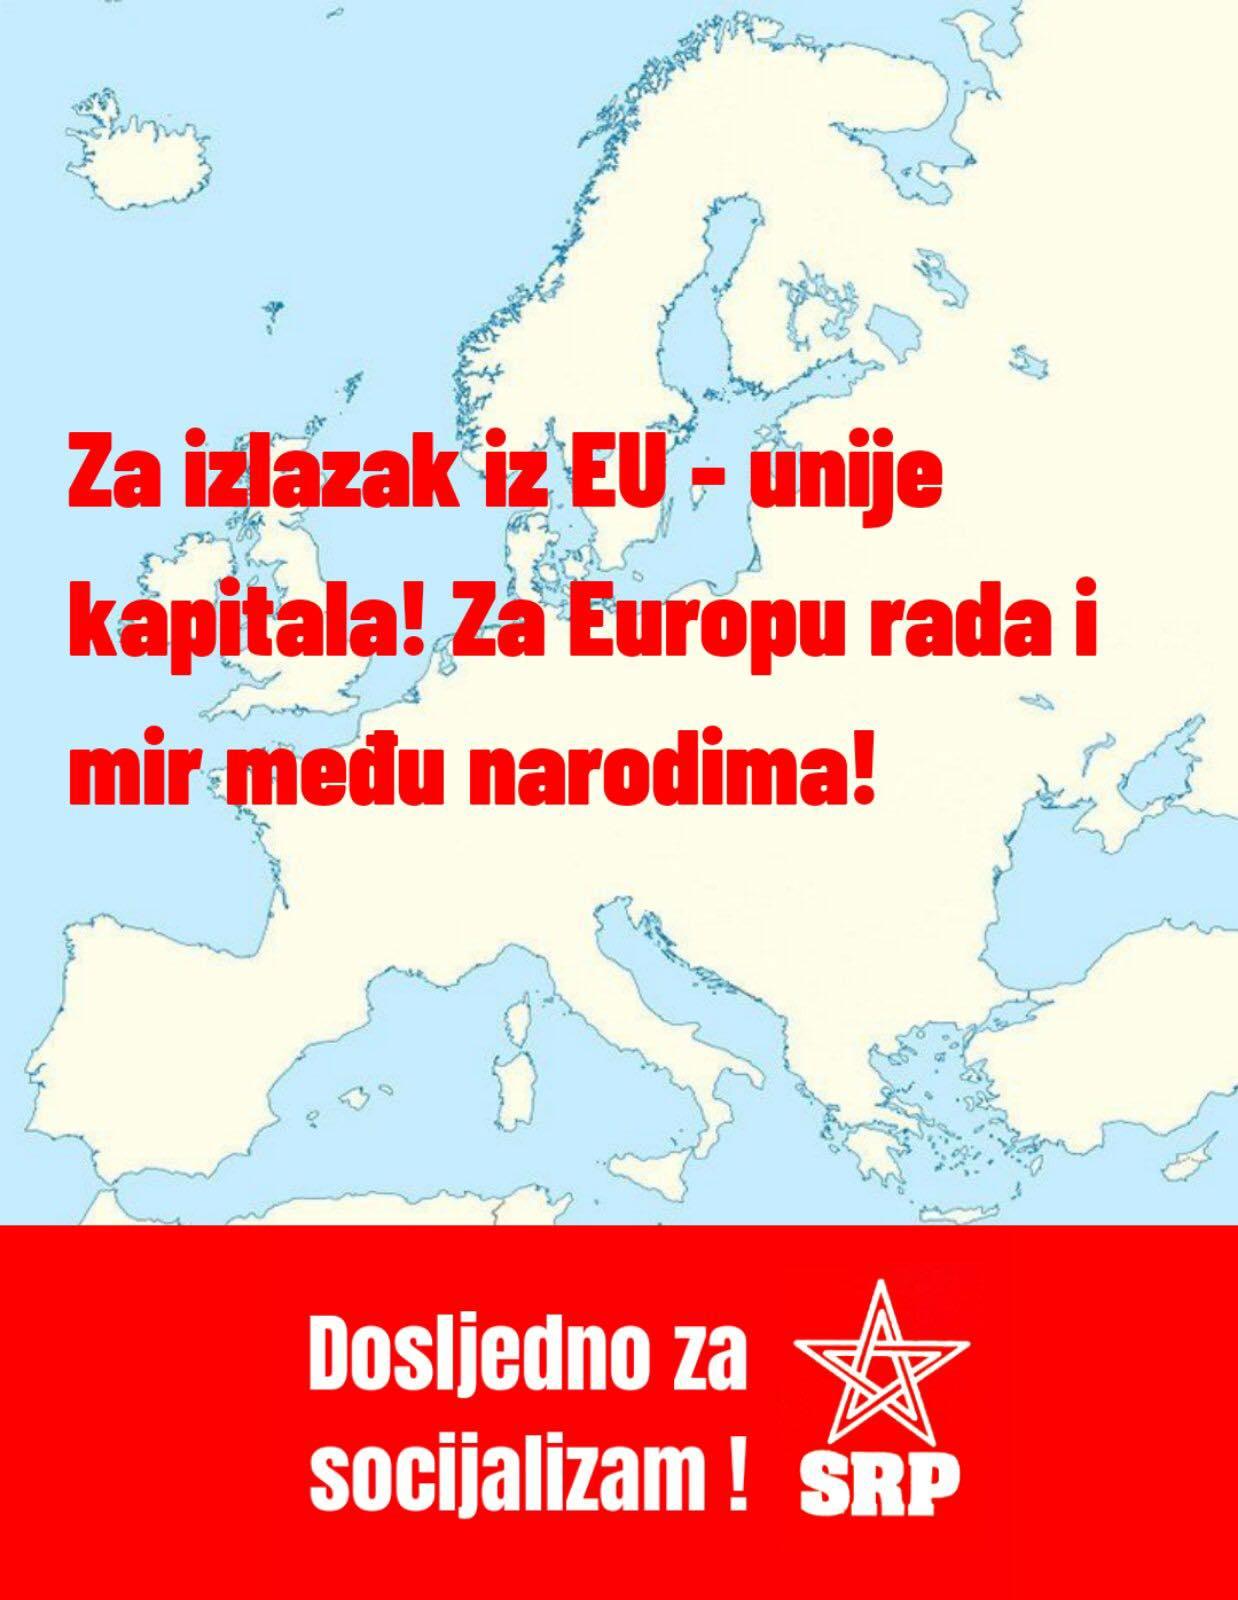 La Croazia al voto. I marxisti-leninisti partecipano col loro programma indipendente